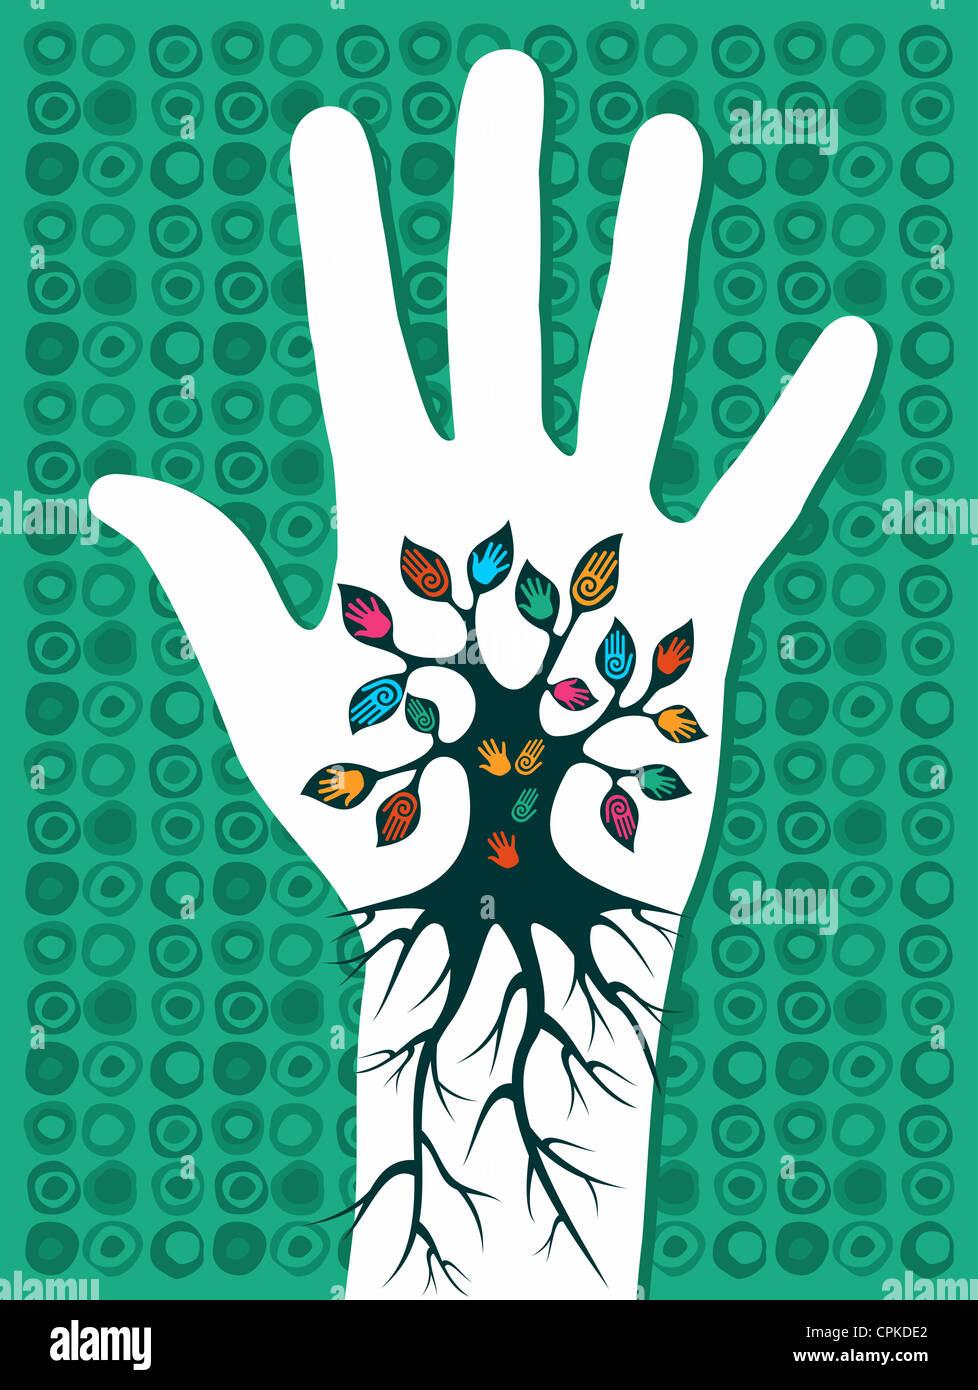 Zusammen Sie grüne Konzept Baum mit Wurzeln als Venen. Vektor-Datei geschichtet für einfache Handhabung Stockbild